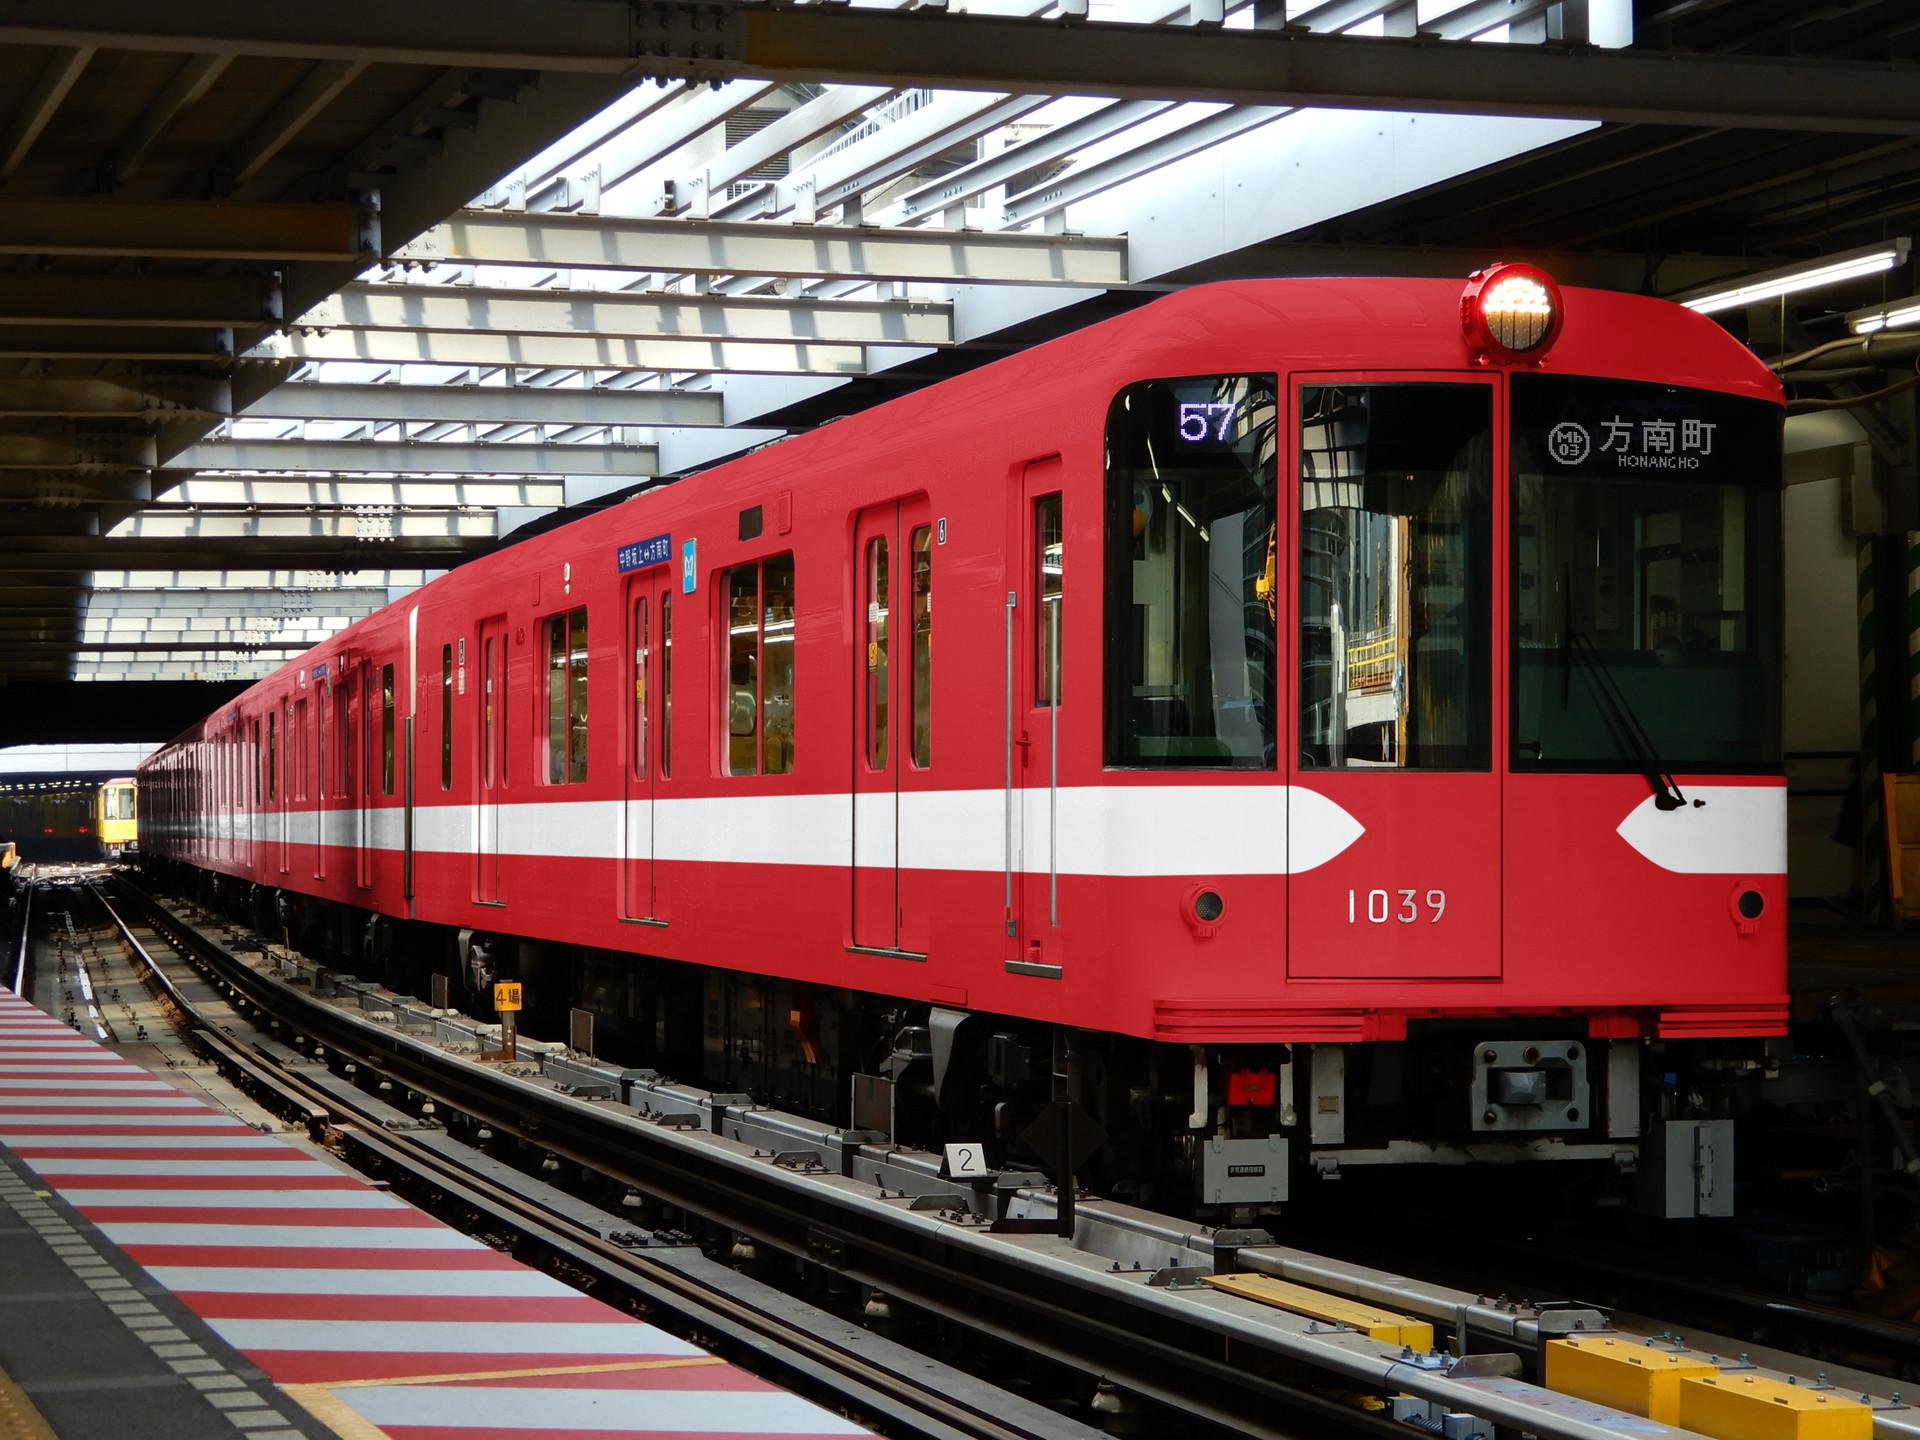 東京メトロ1000系の丸の内線ウソ電